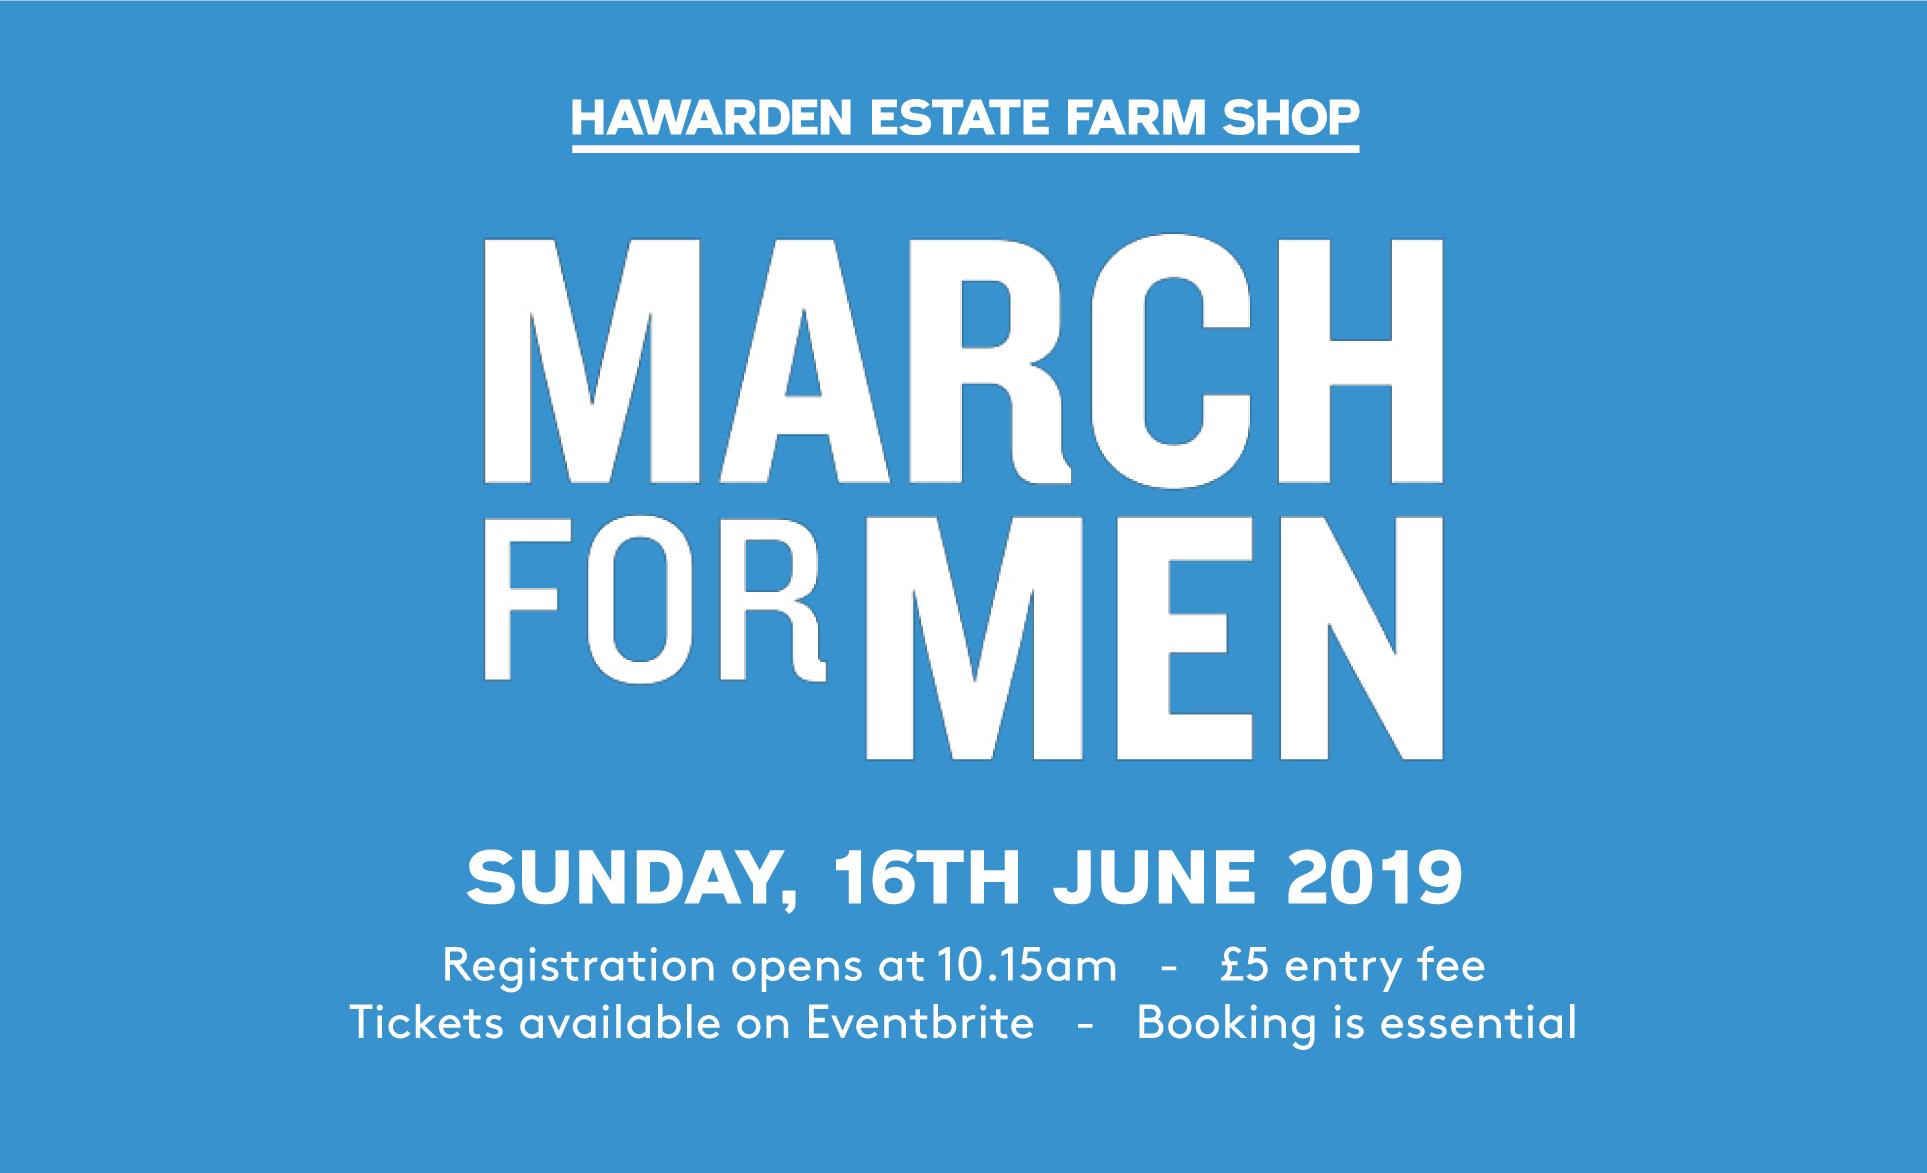 hefs_march_for_men-banner-fb-Artboard_6_copy.jpg